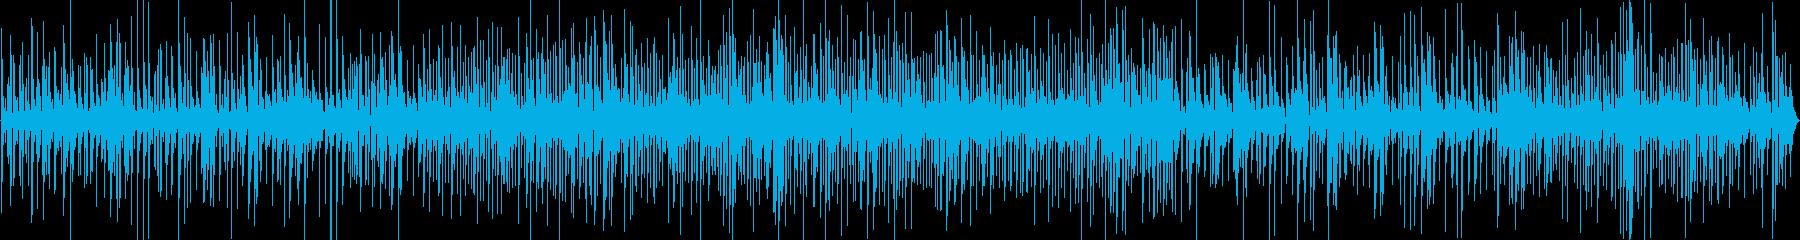 ジャズバーで流れるおしゃれなピアノトリオの再生済みの波形